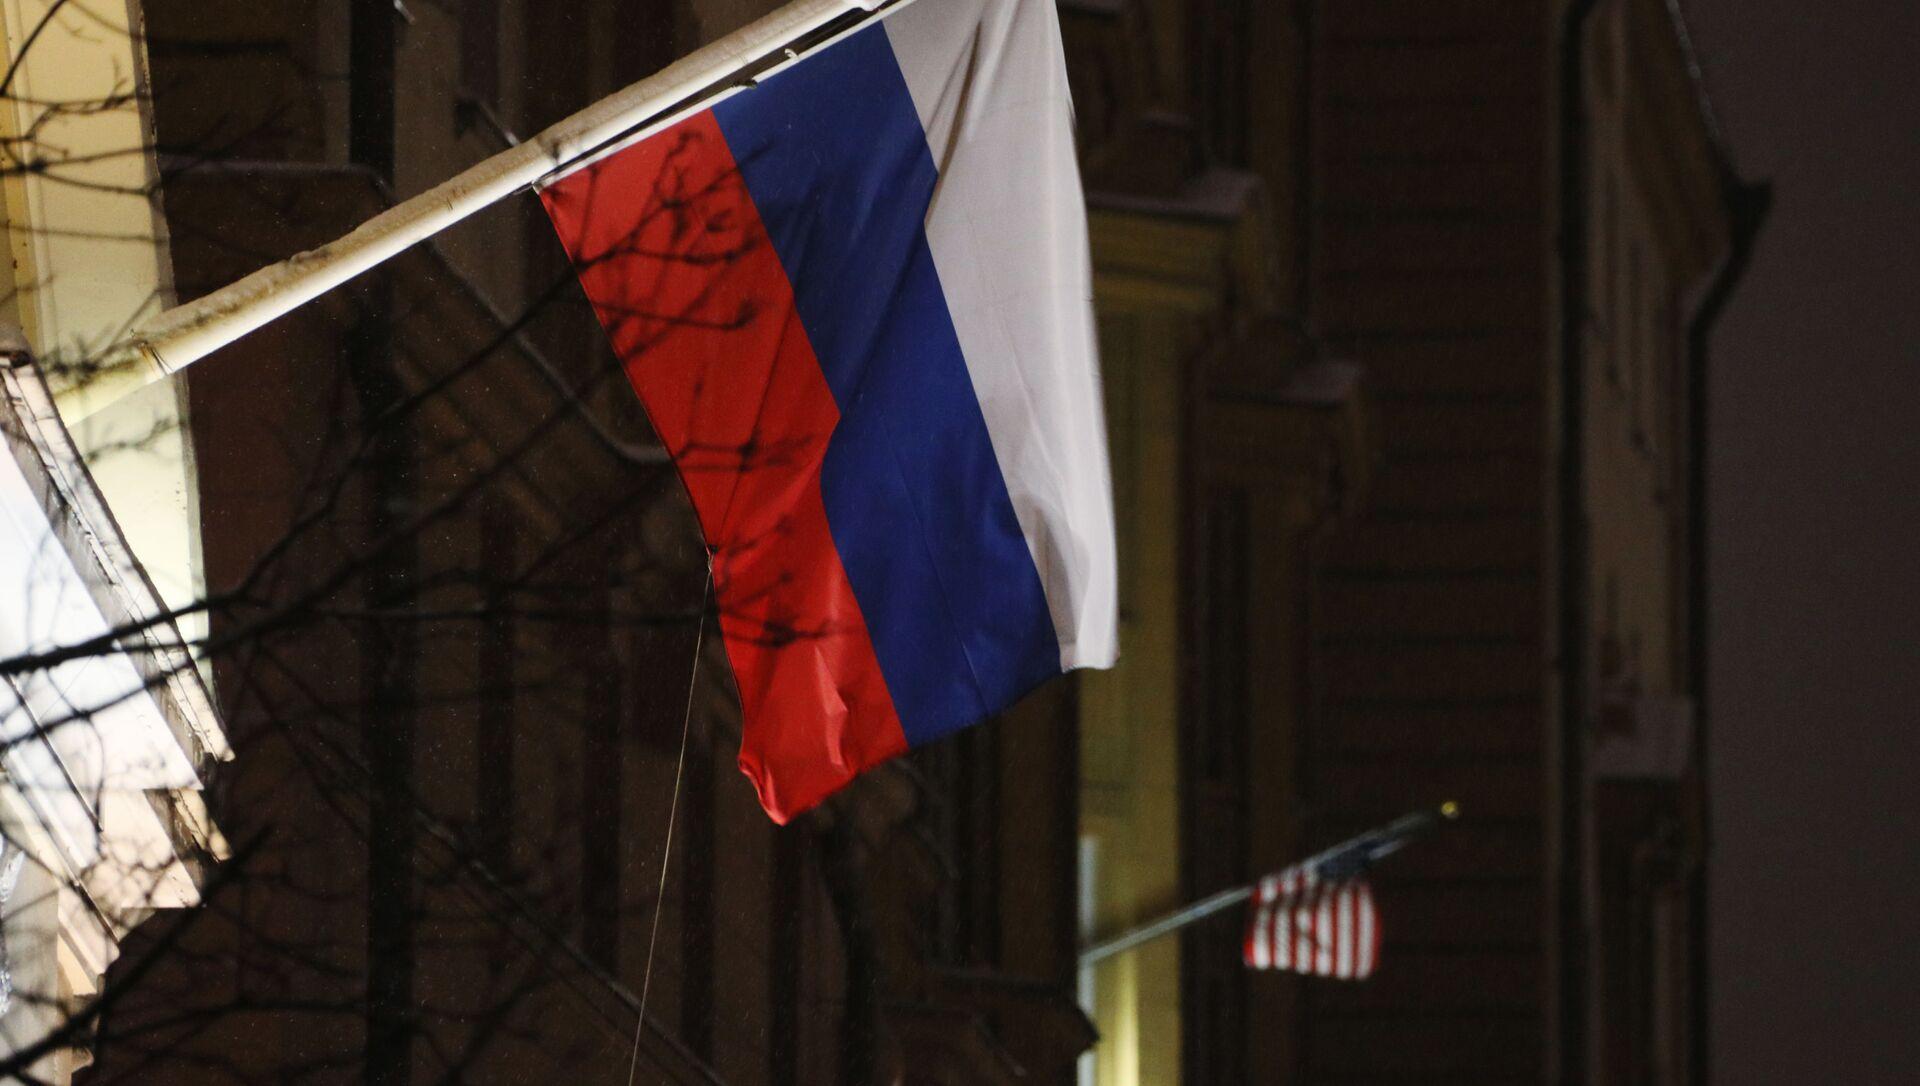 Флаги России и США на здании посольства США - Sputnik Việt Nam, 1920, 15.09.2021